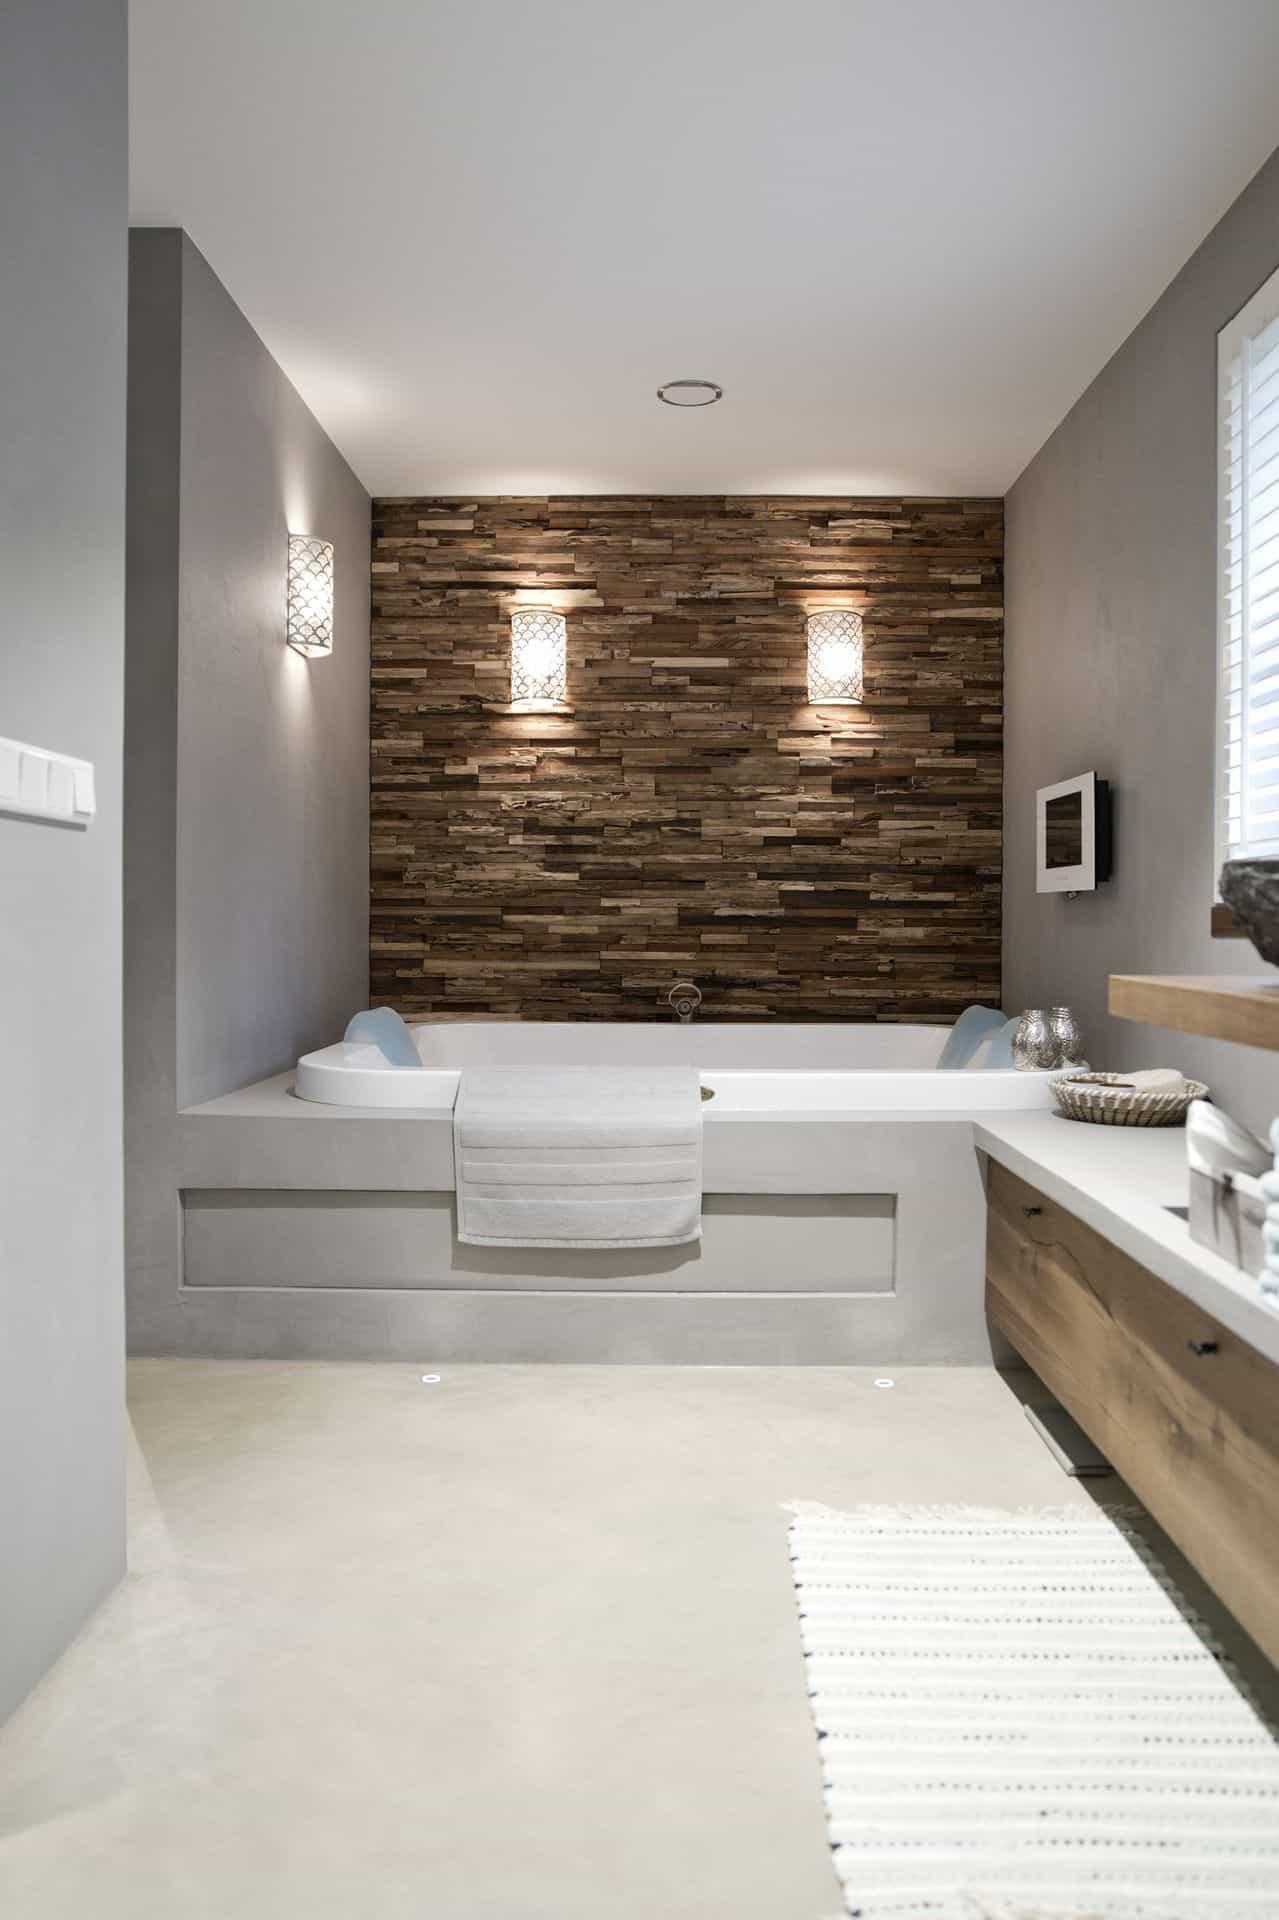 betonvloer badkamer, badkamer betonvloer, betonnen vloer badkamer